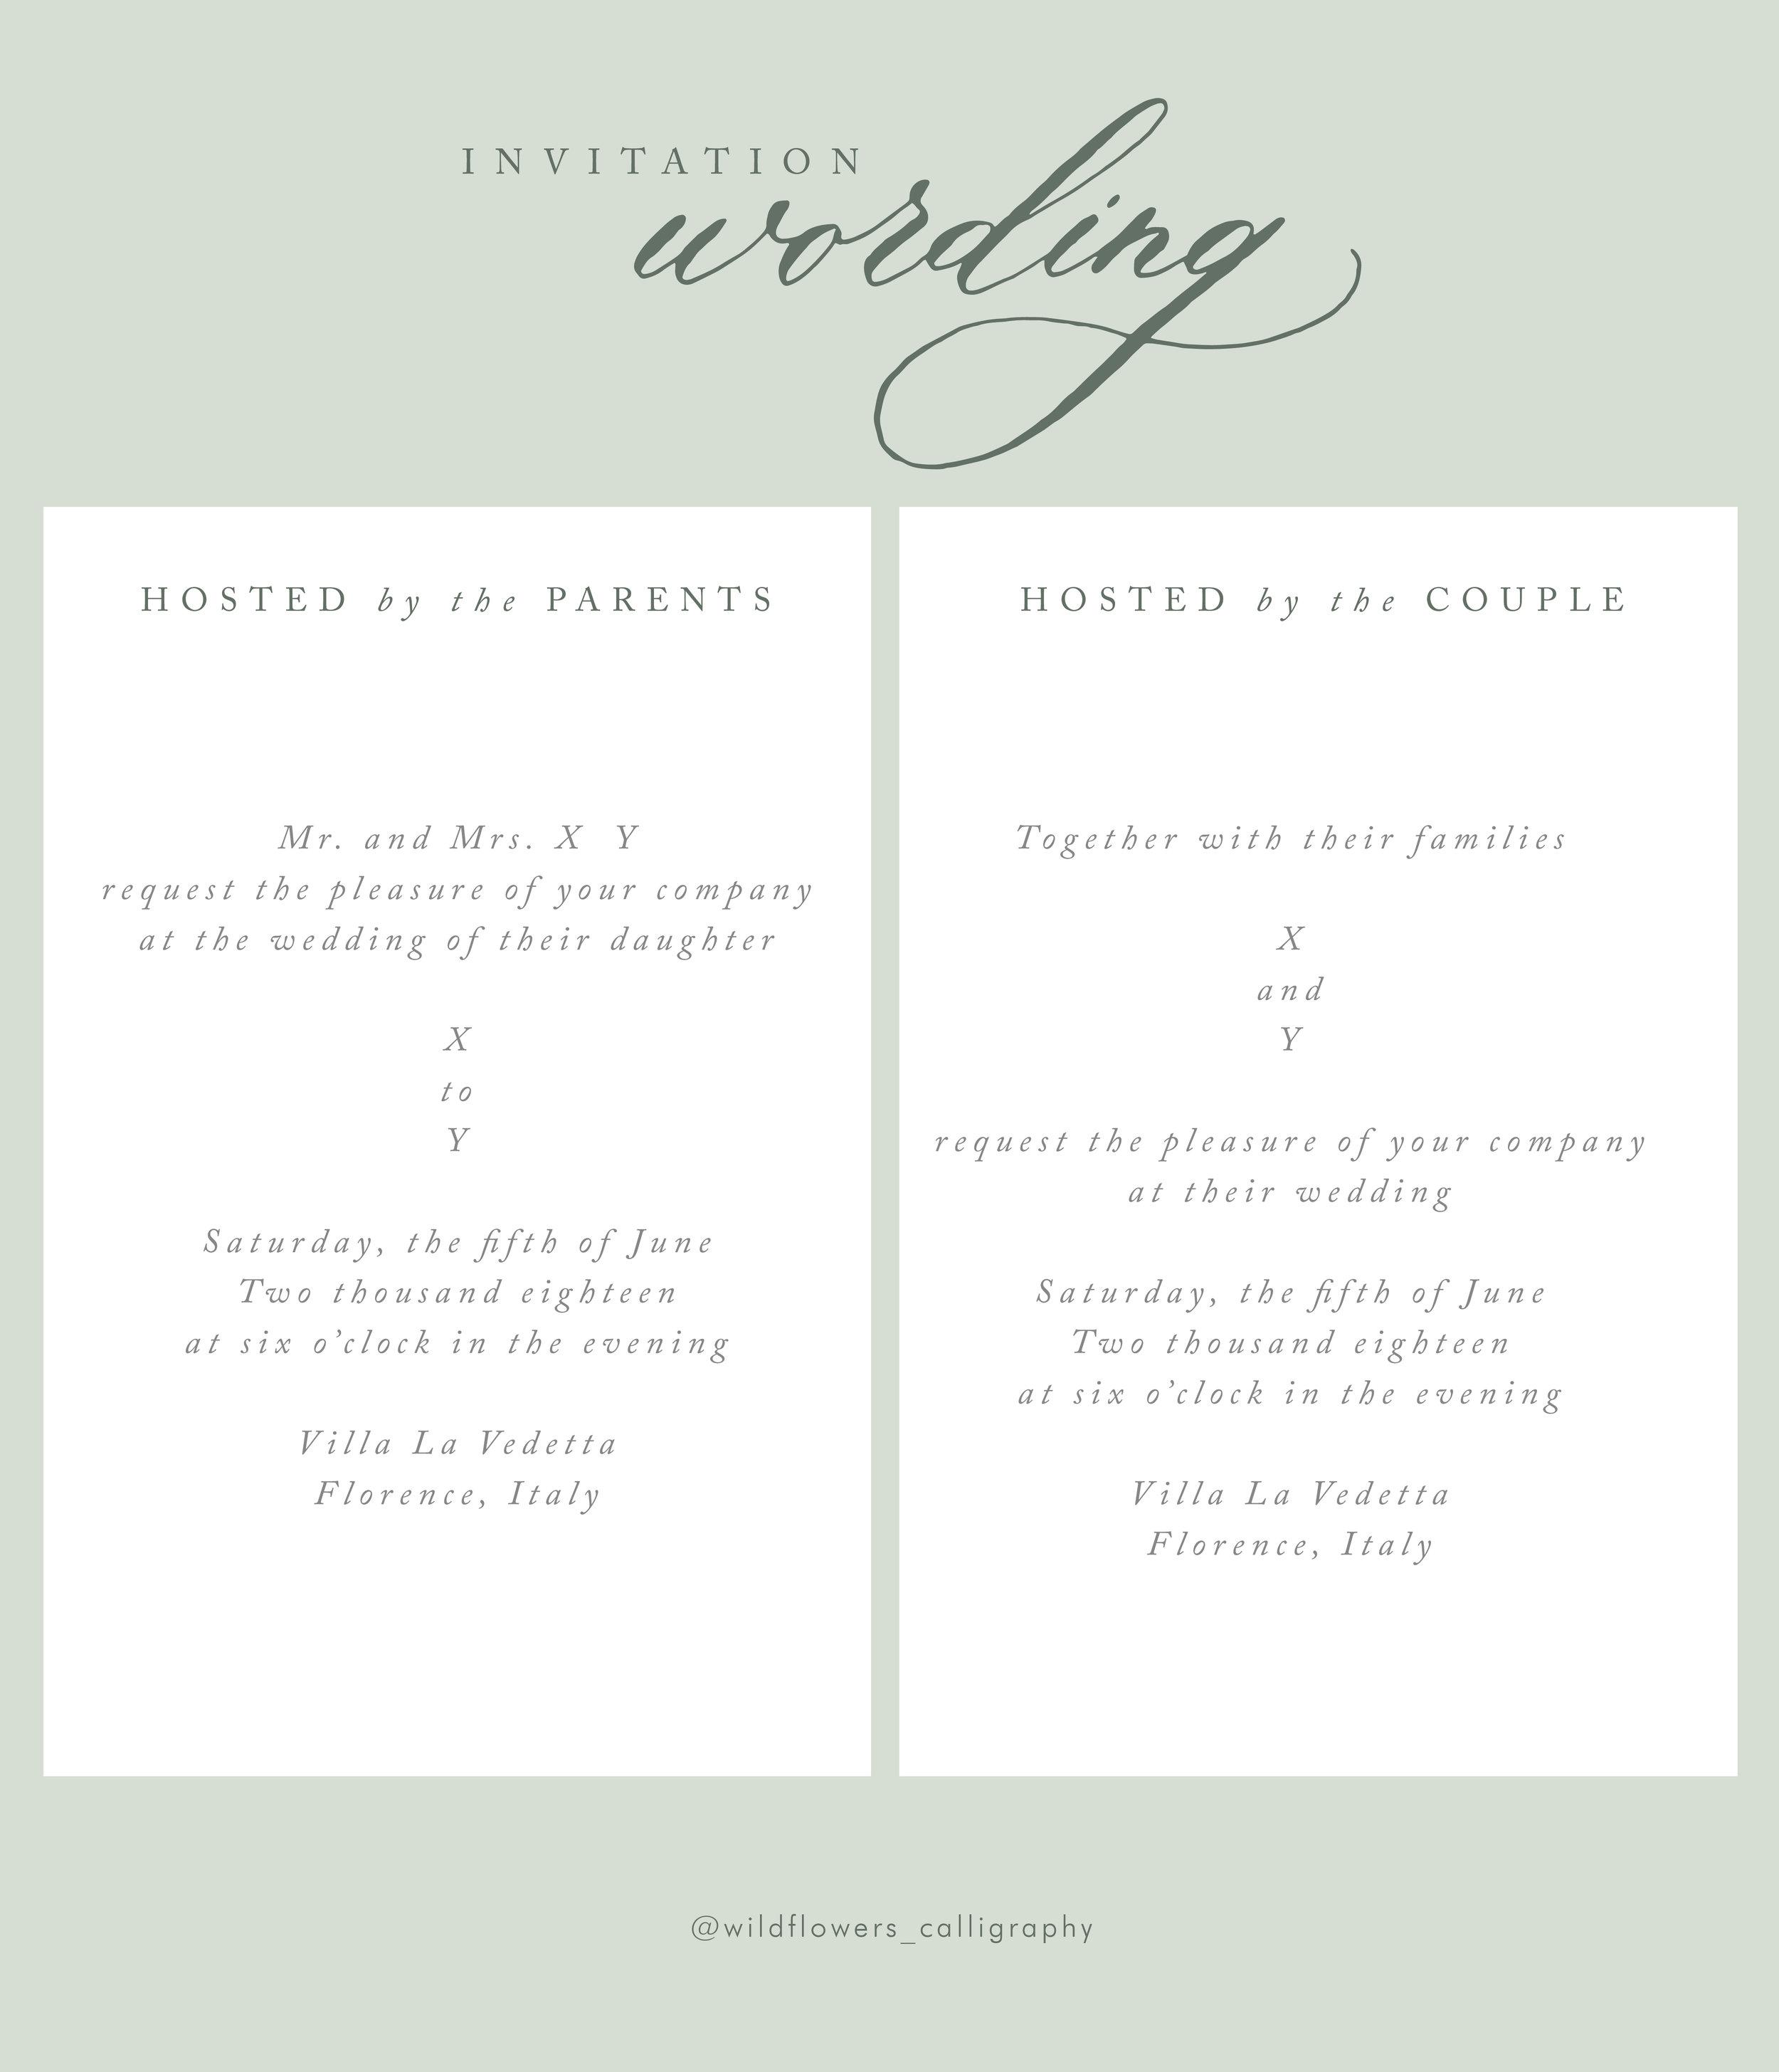 Partecipazioni Matrimonio Cosa Scrivere.Wildflowers Calligraphy Wedding Invitations 101 Cosa Scrivere